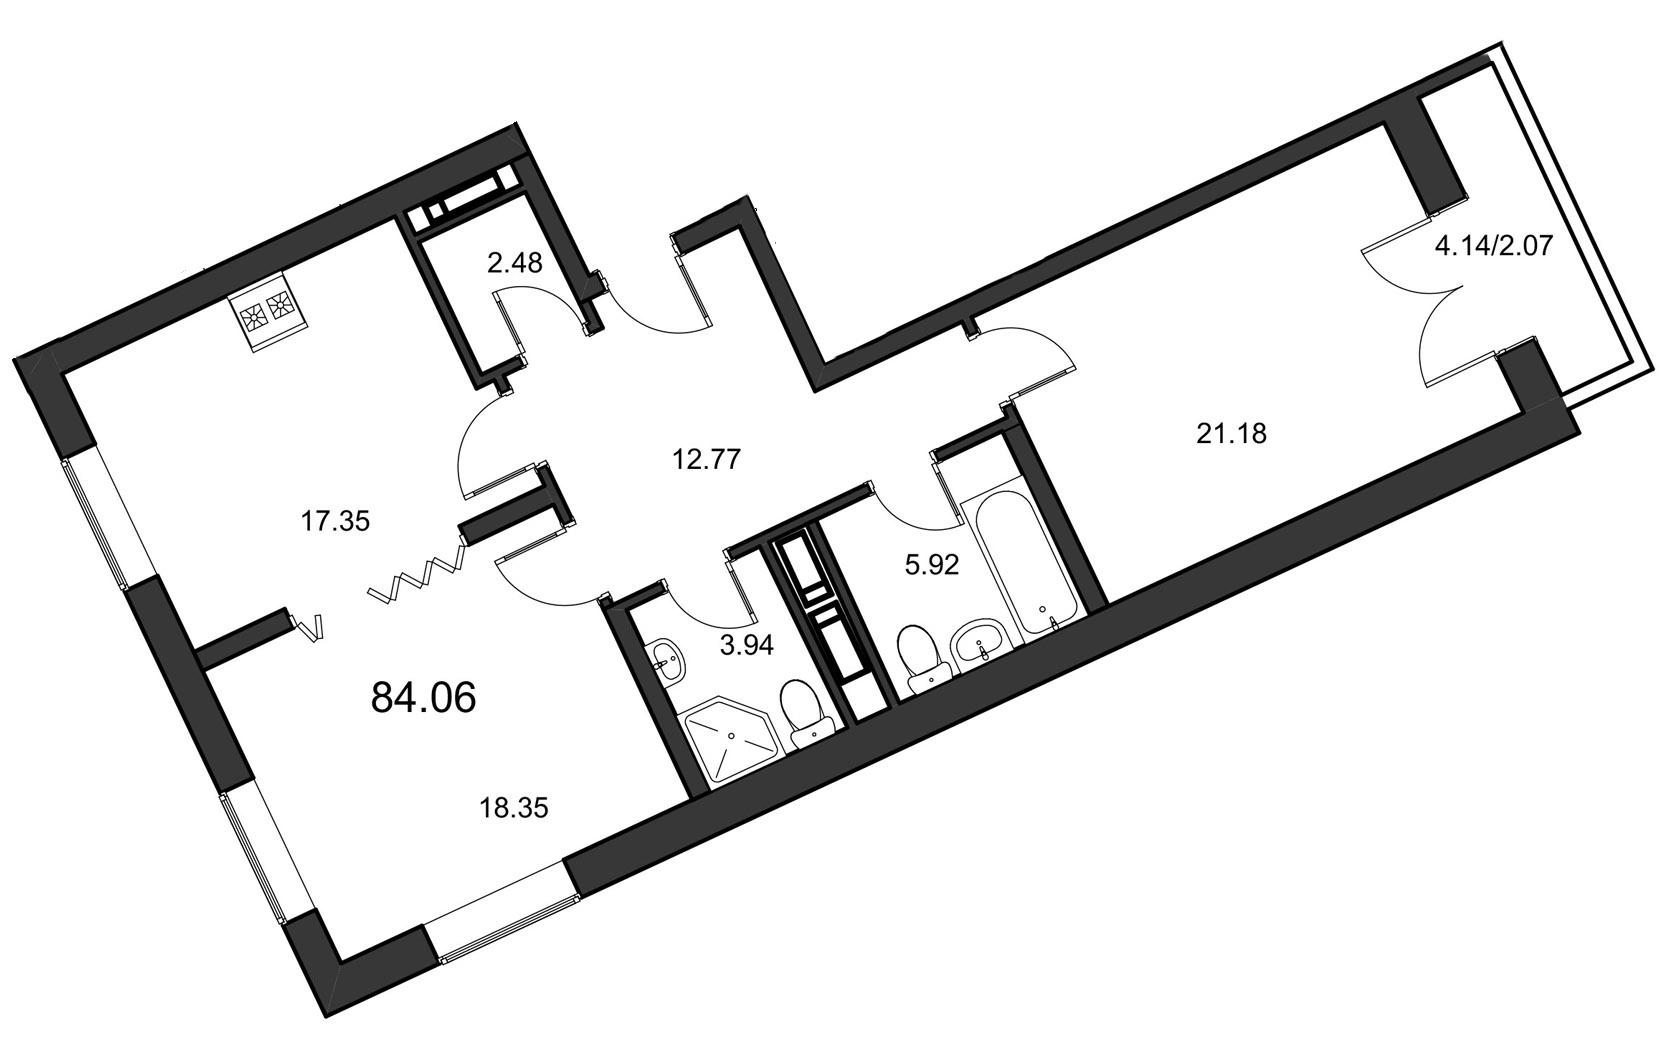 Планировка Двухкомнатная квартира площадью 84.06 кв.м в ЖК «Leningrad»